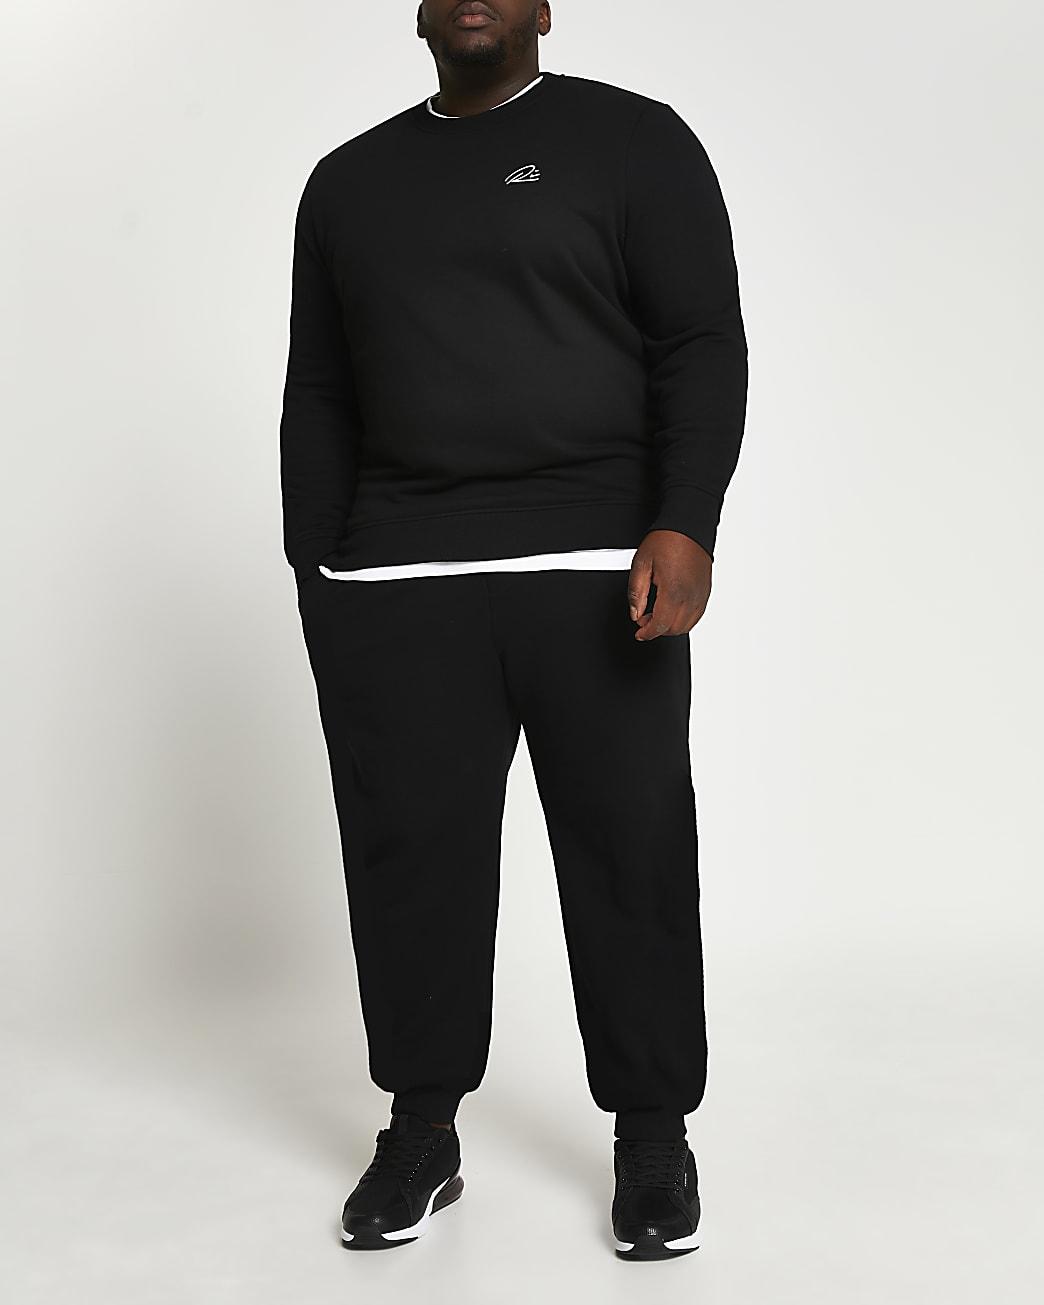 Big & Tall black slim fit sweatshirt